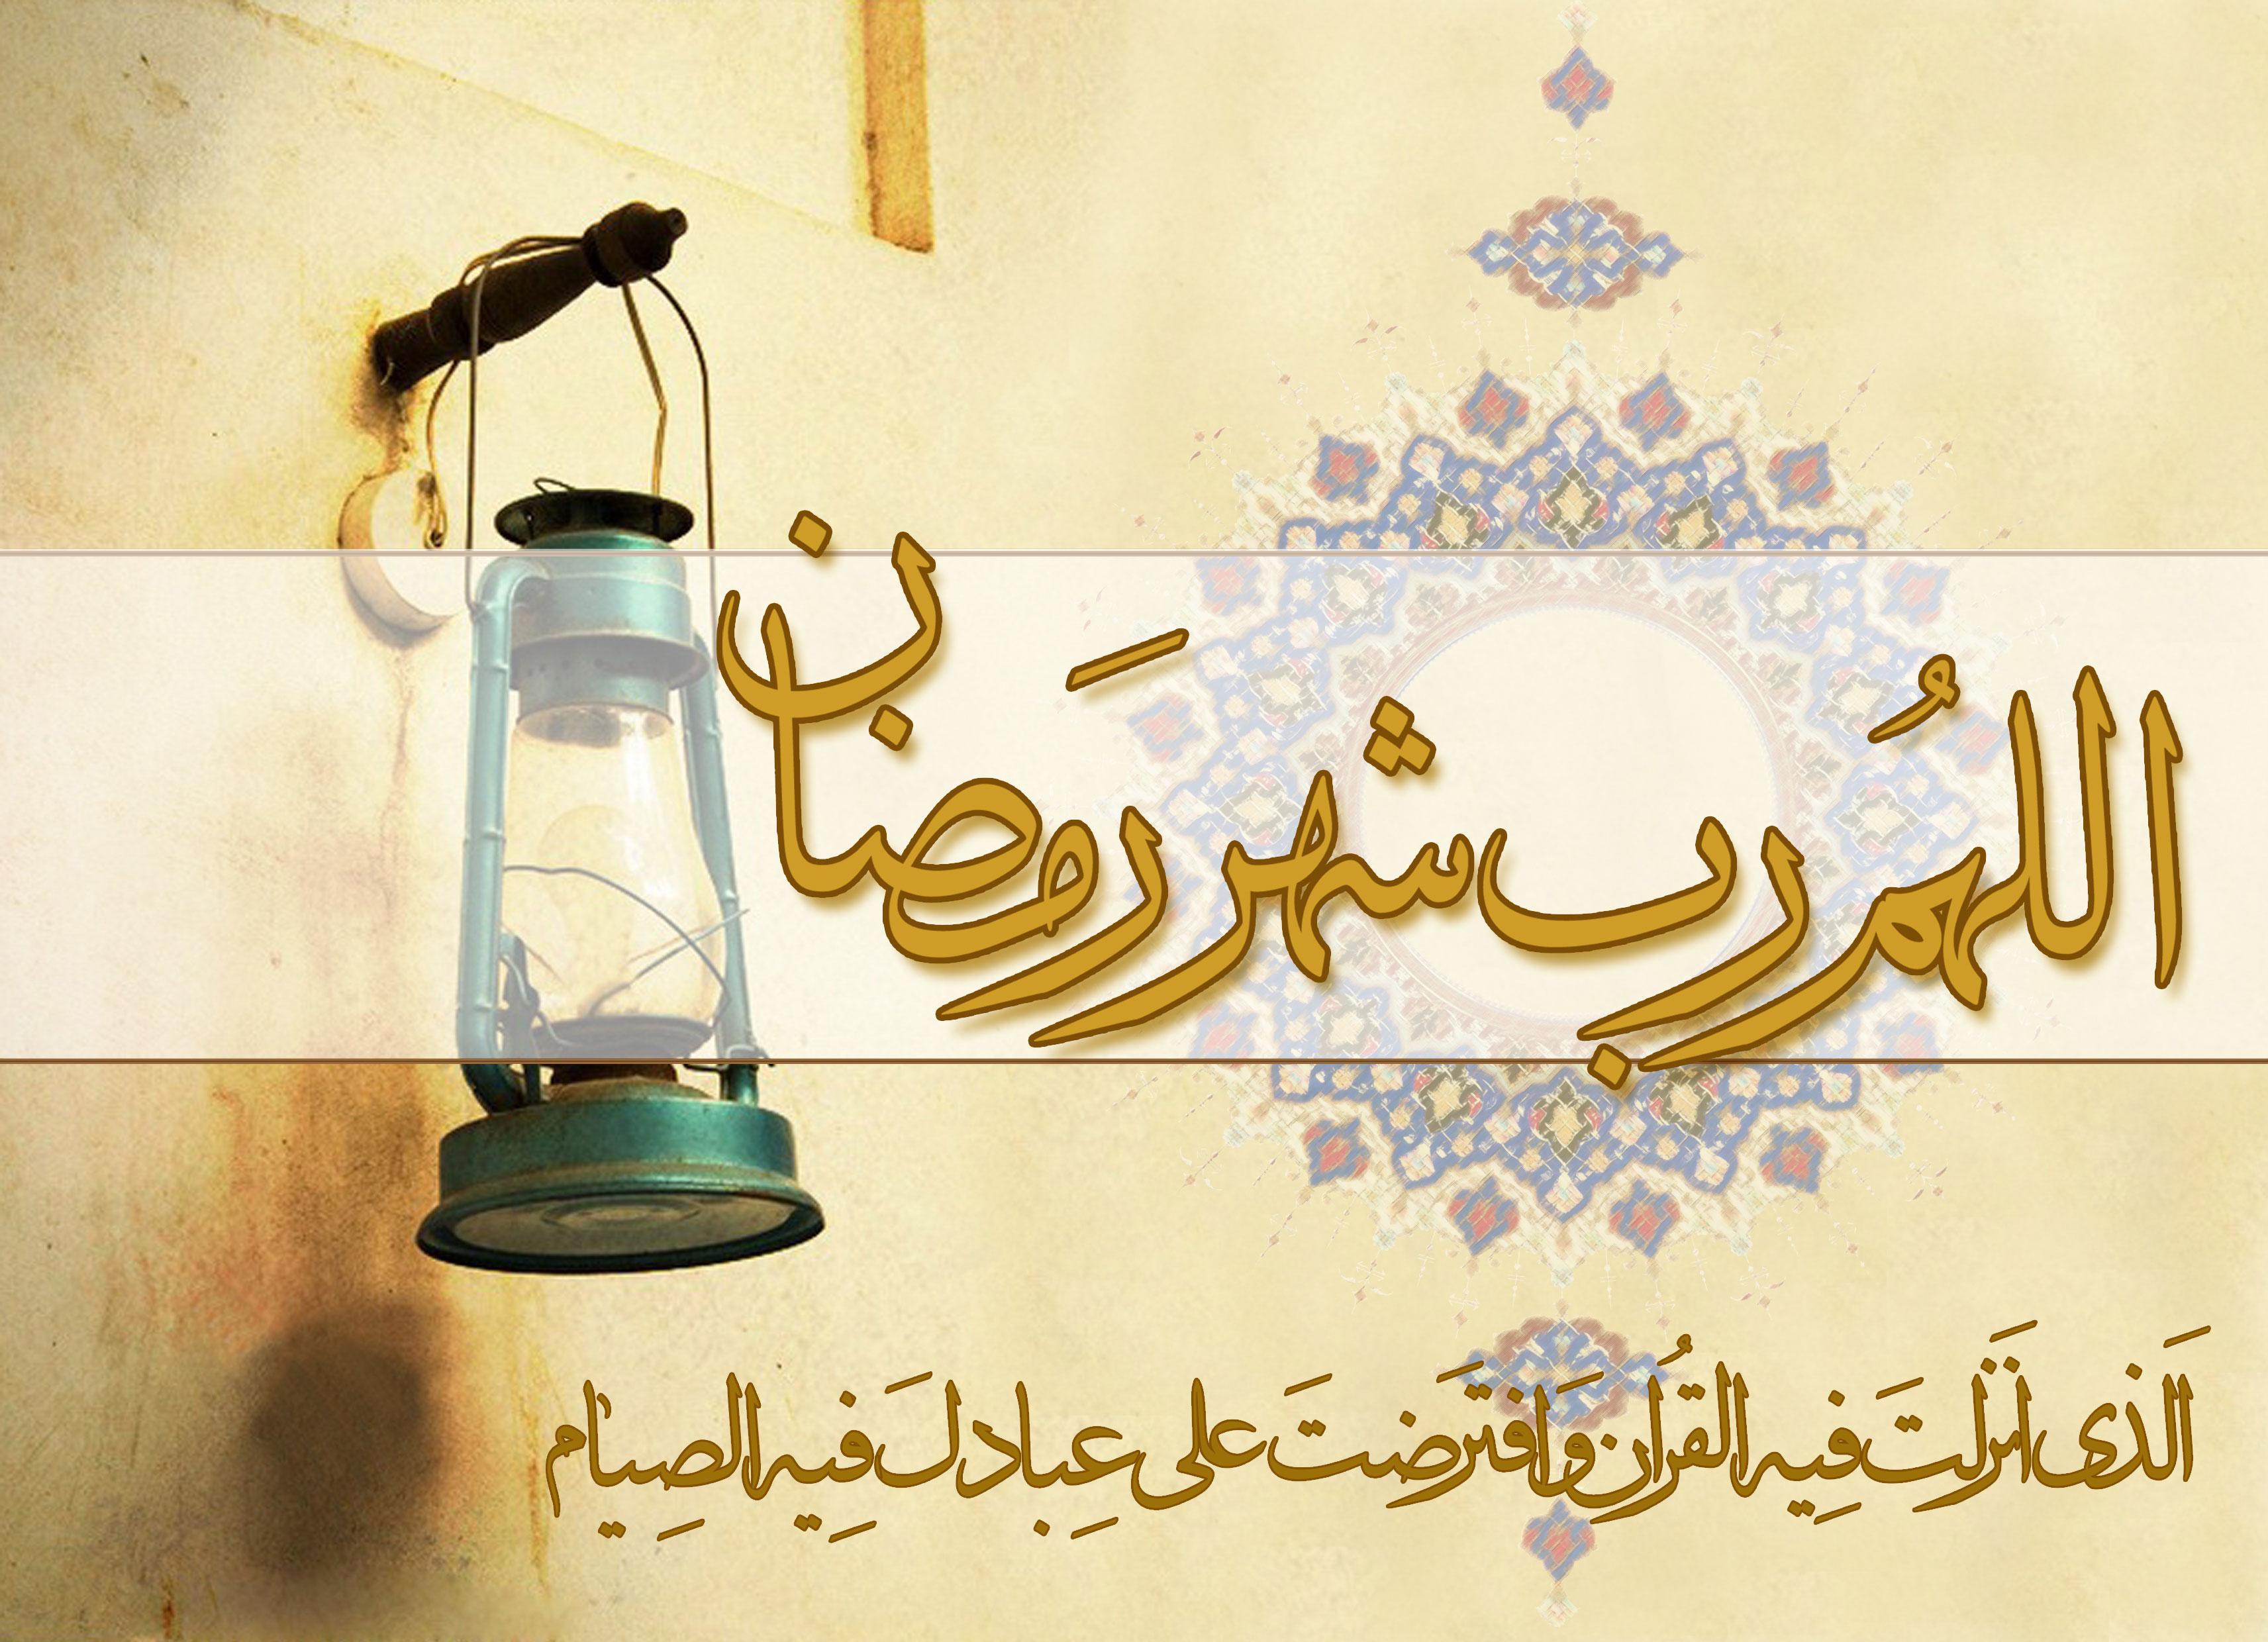 اوقات شرعی شهرهای استان گیلان در ماه مبارک رمضان 96